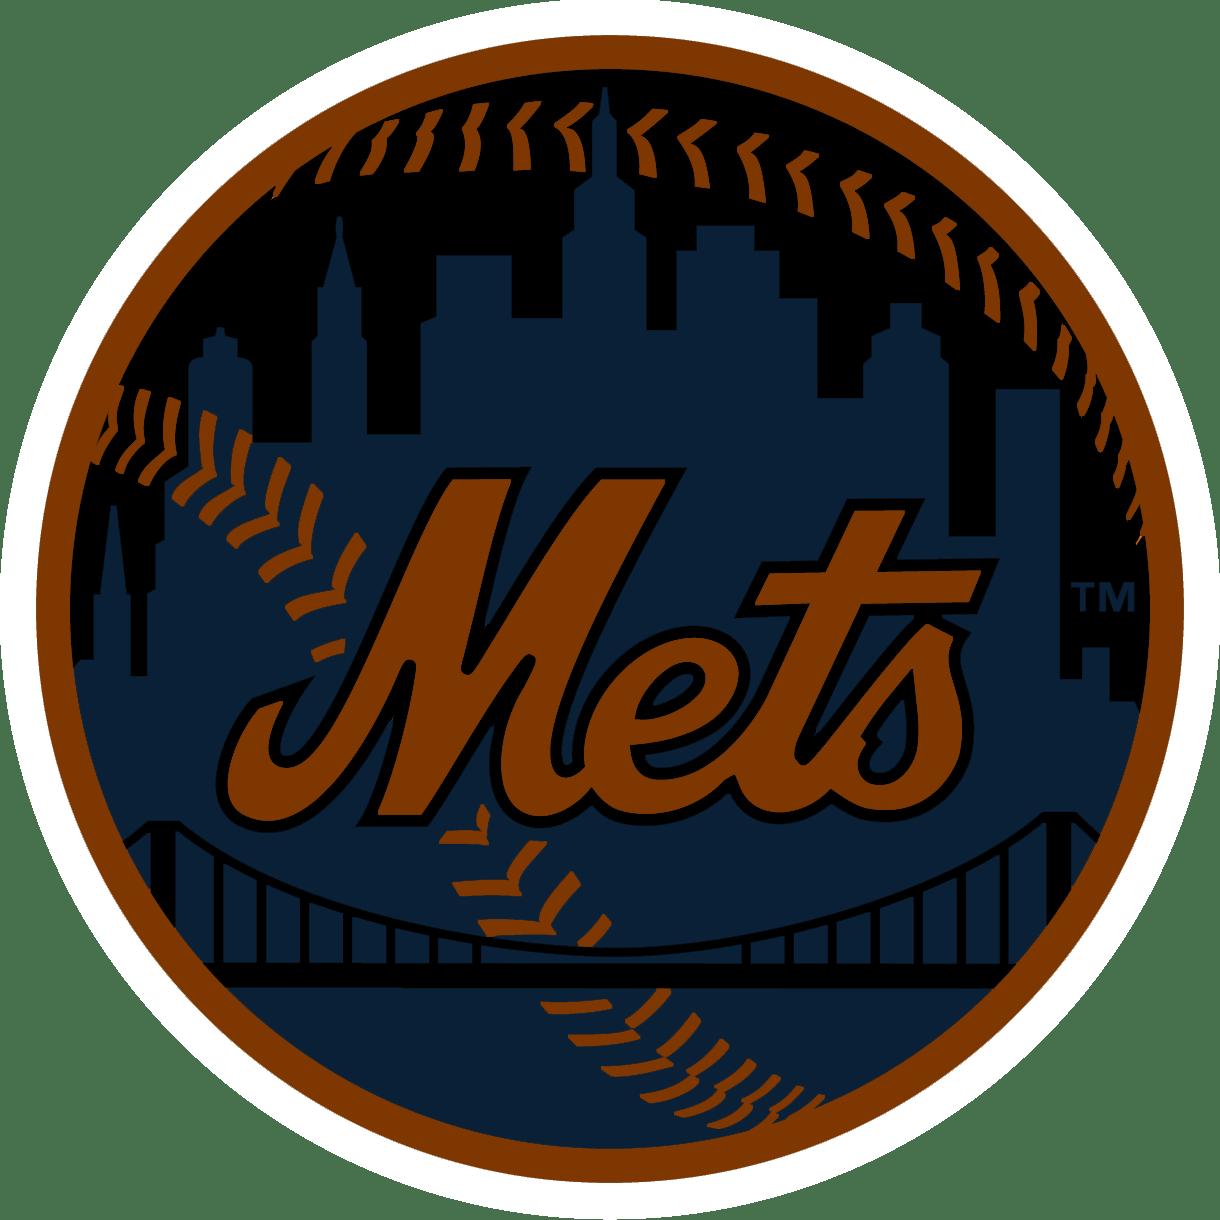 New-york-mets-logo-vector